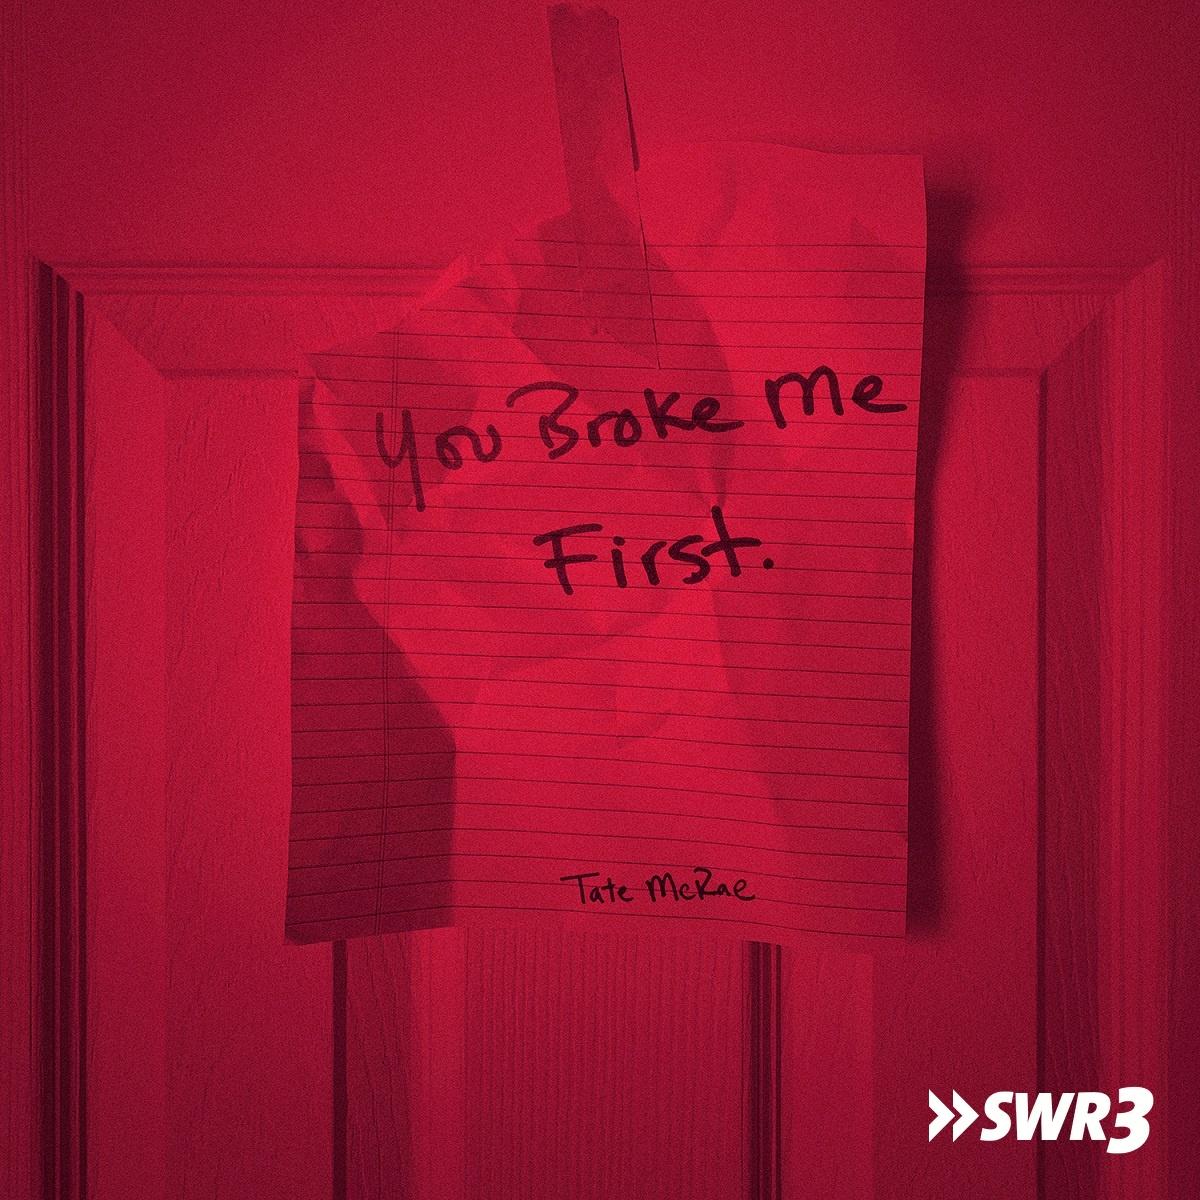 You broke me first (Foto: Tate McRae)